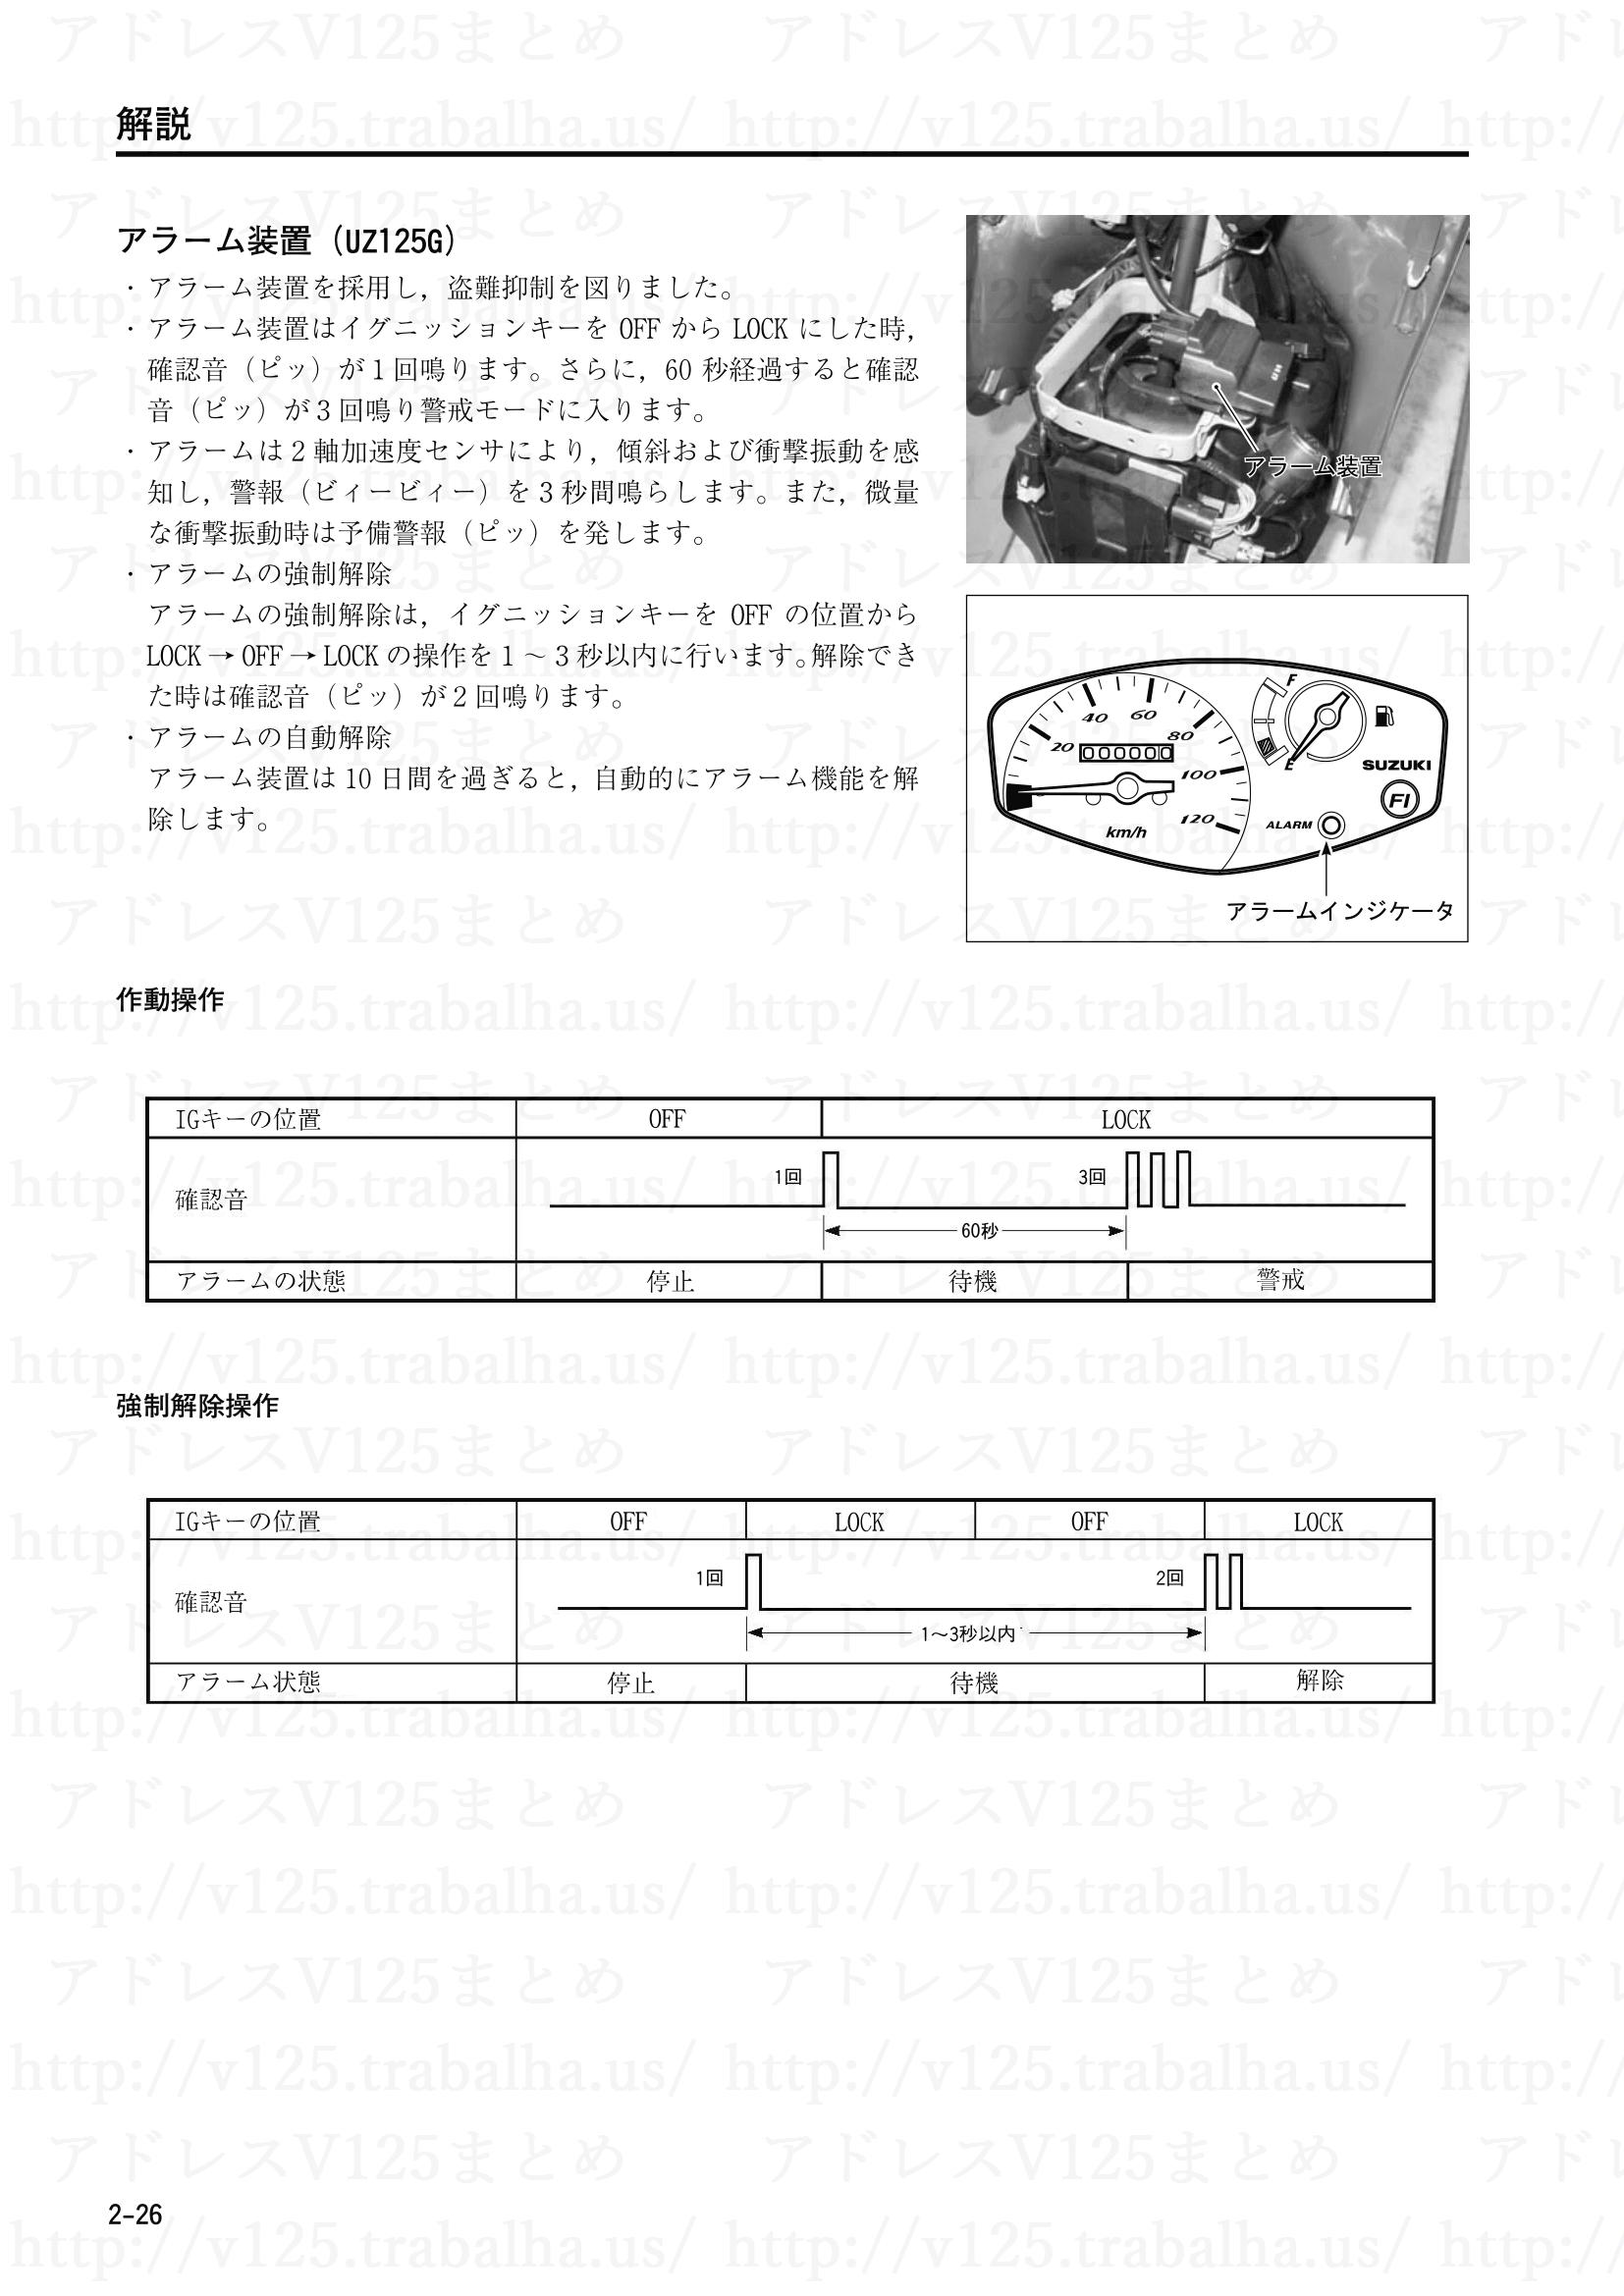 2-26【解説】アラーム装置